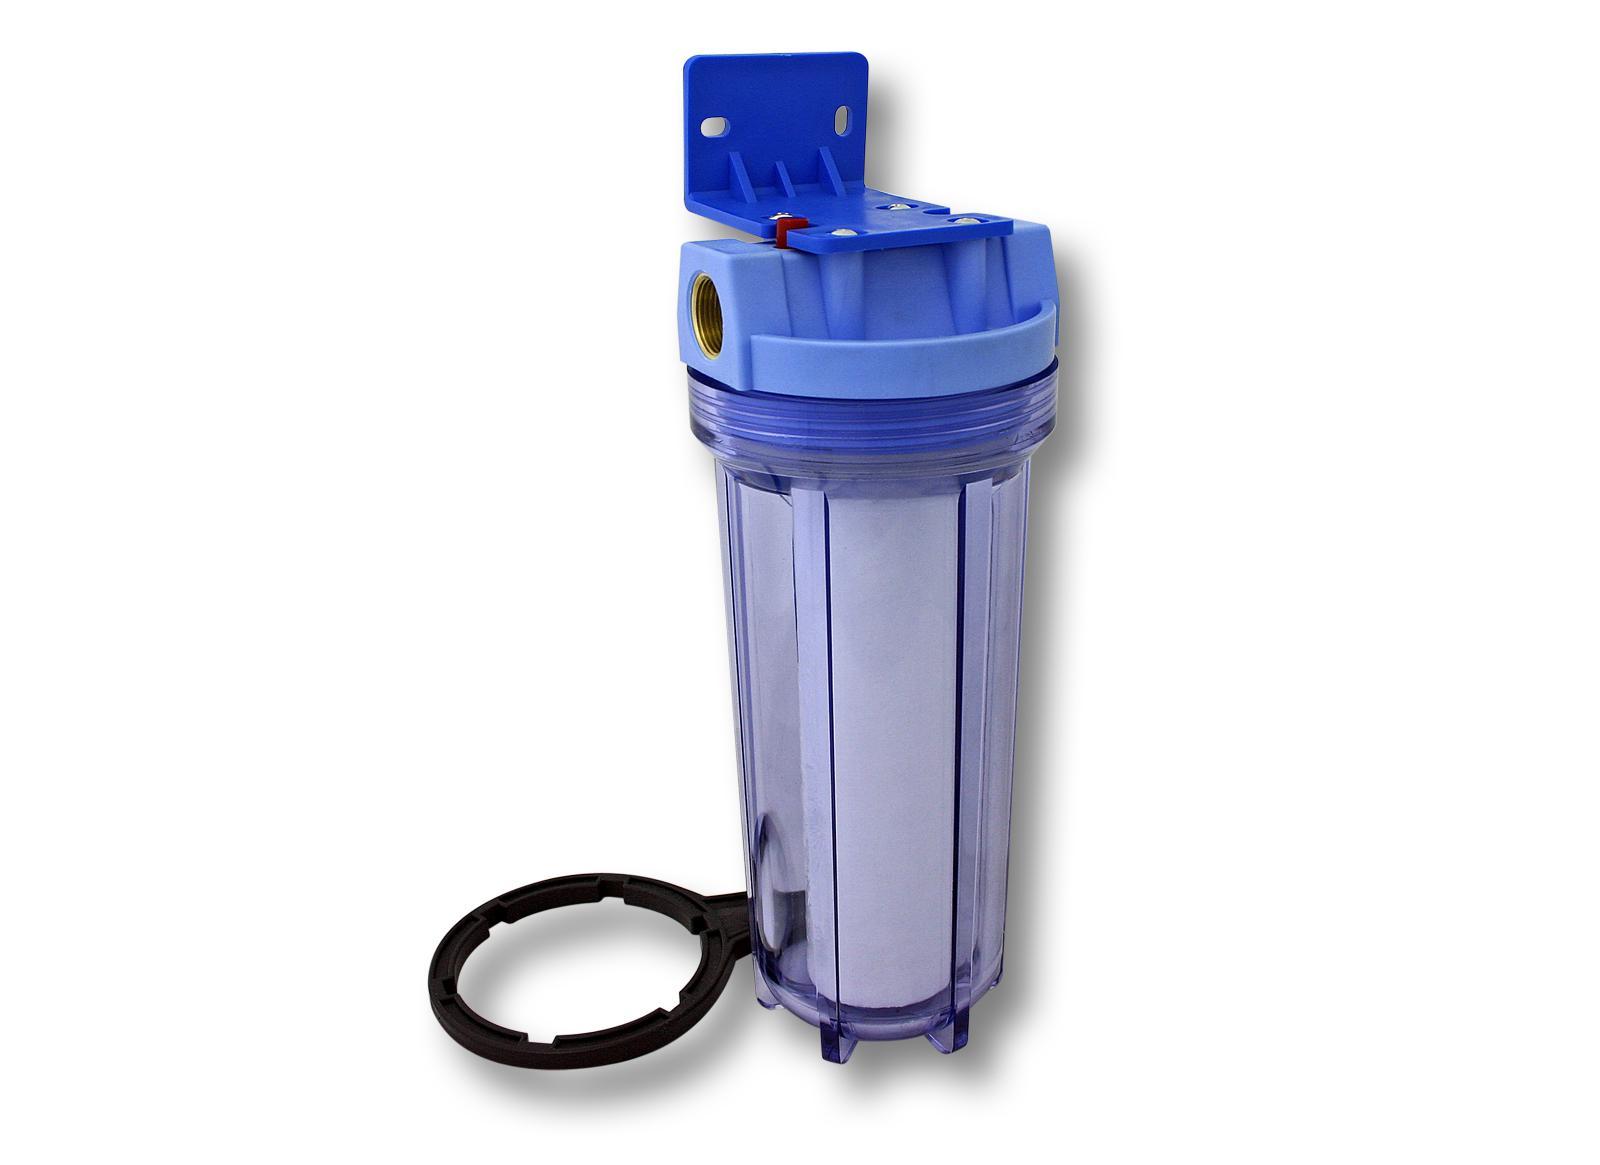 naturewater 3 4 zoll 19 05mm 1 stufiger wasserfilter kaufen bei wiltec wildanger technik gmbh. Black Bedroom Furniture Sets. Home Design Ideas